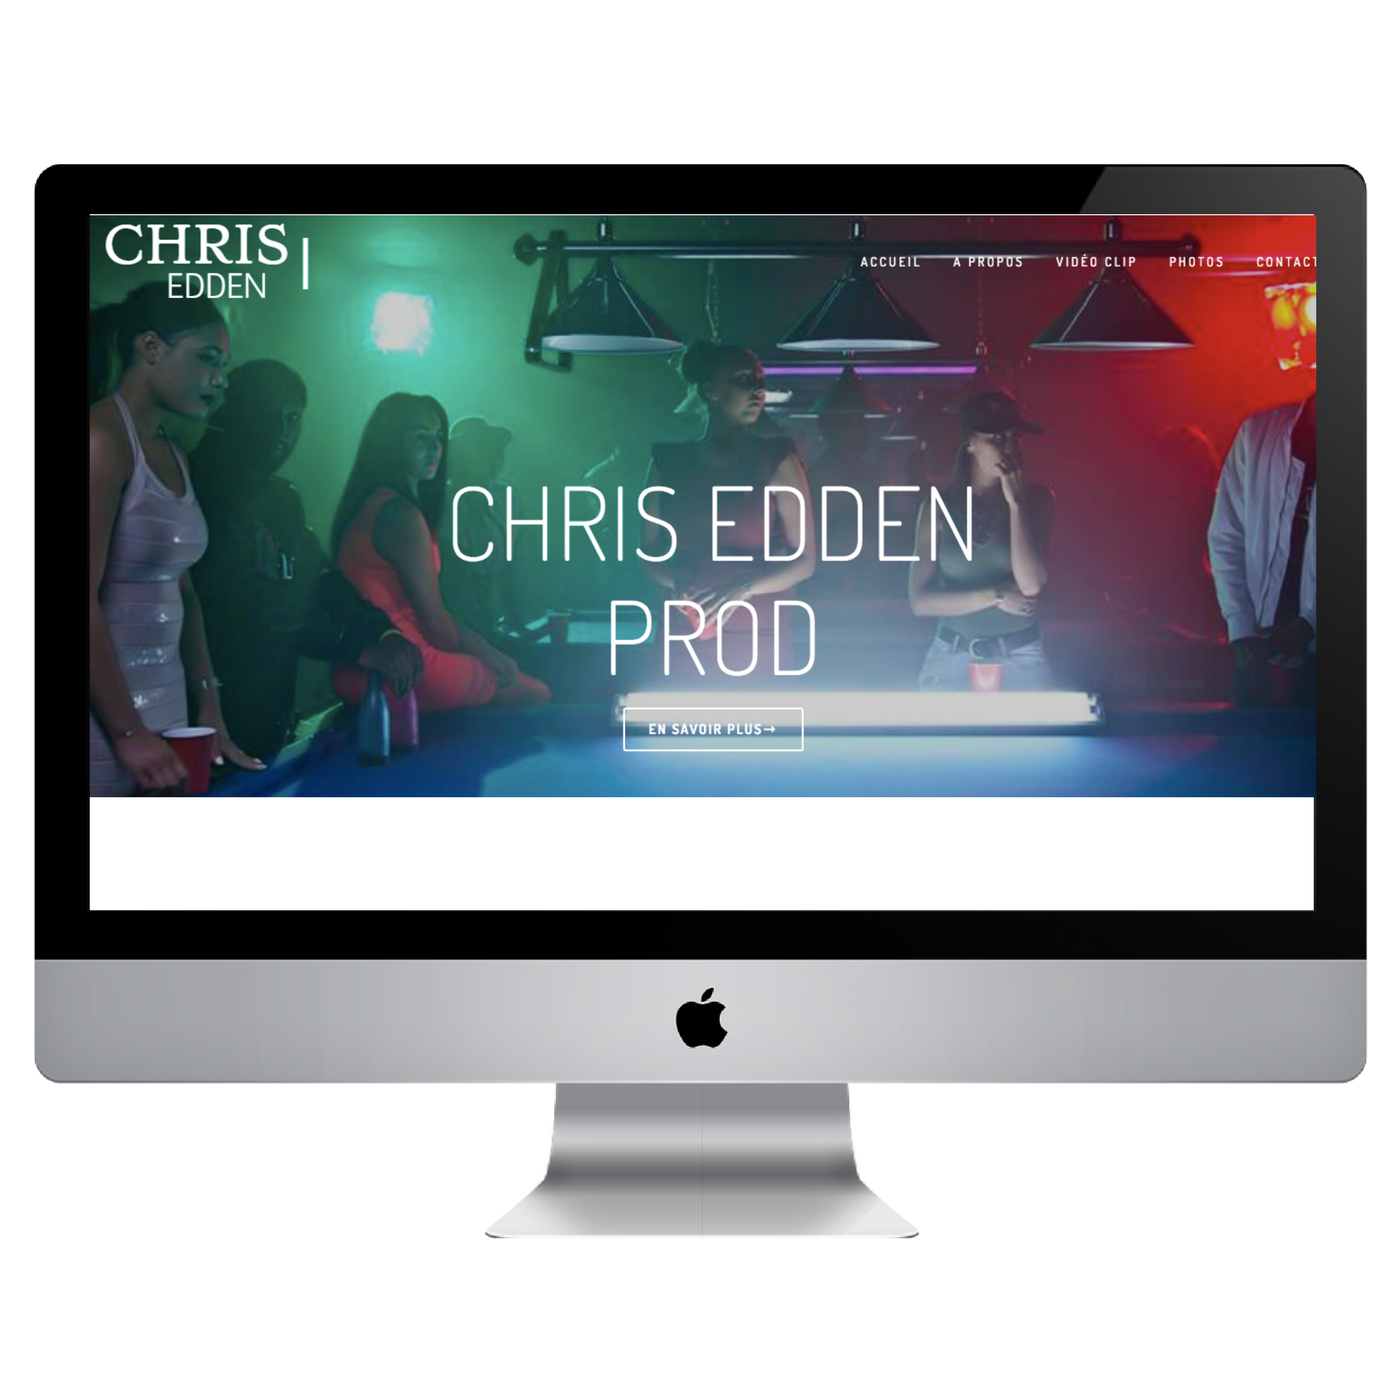 CHRIS EDDEN PROD